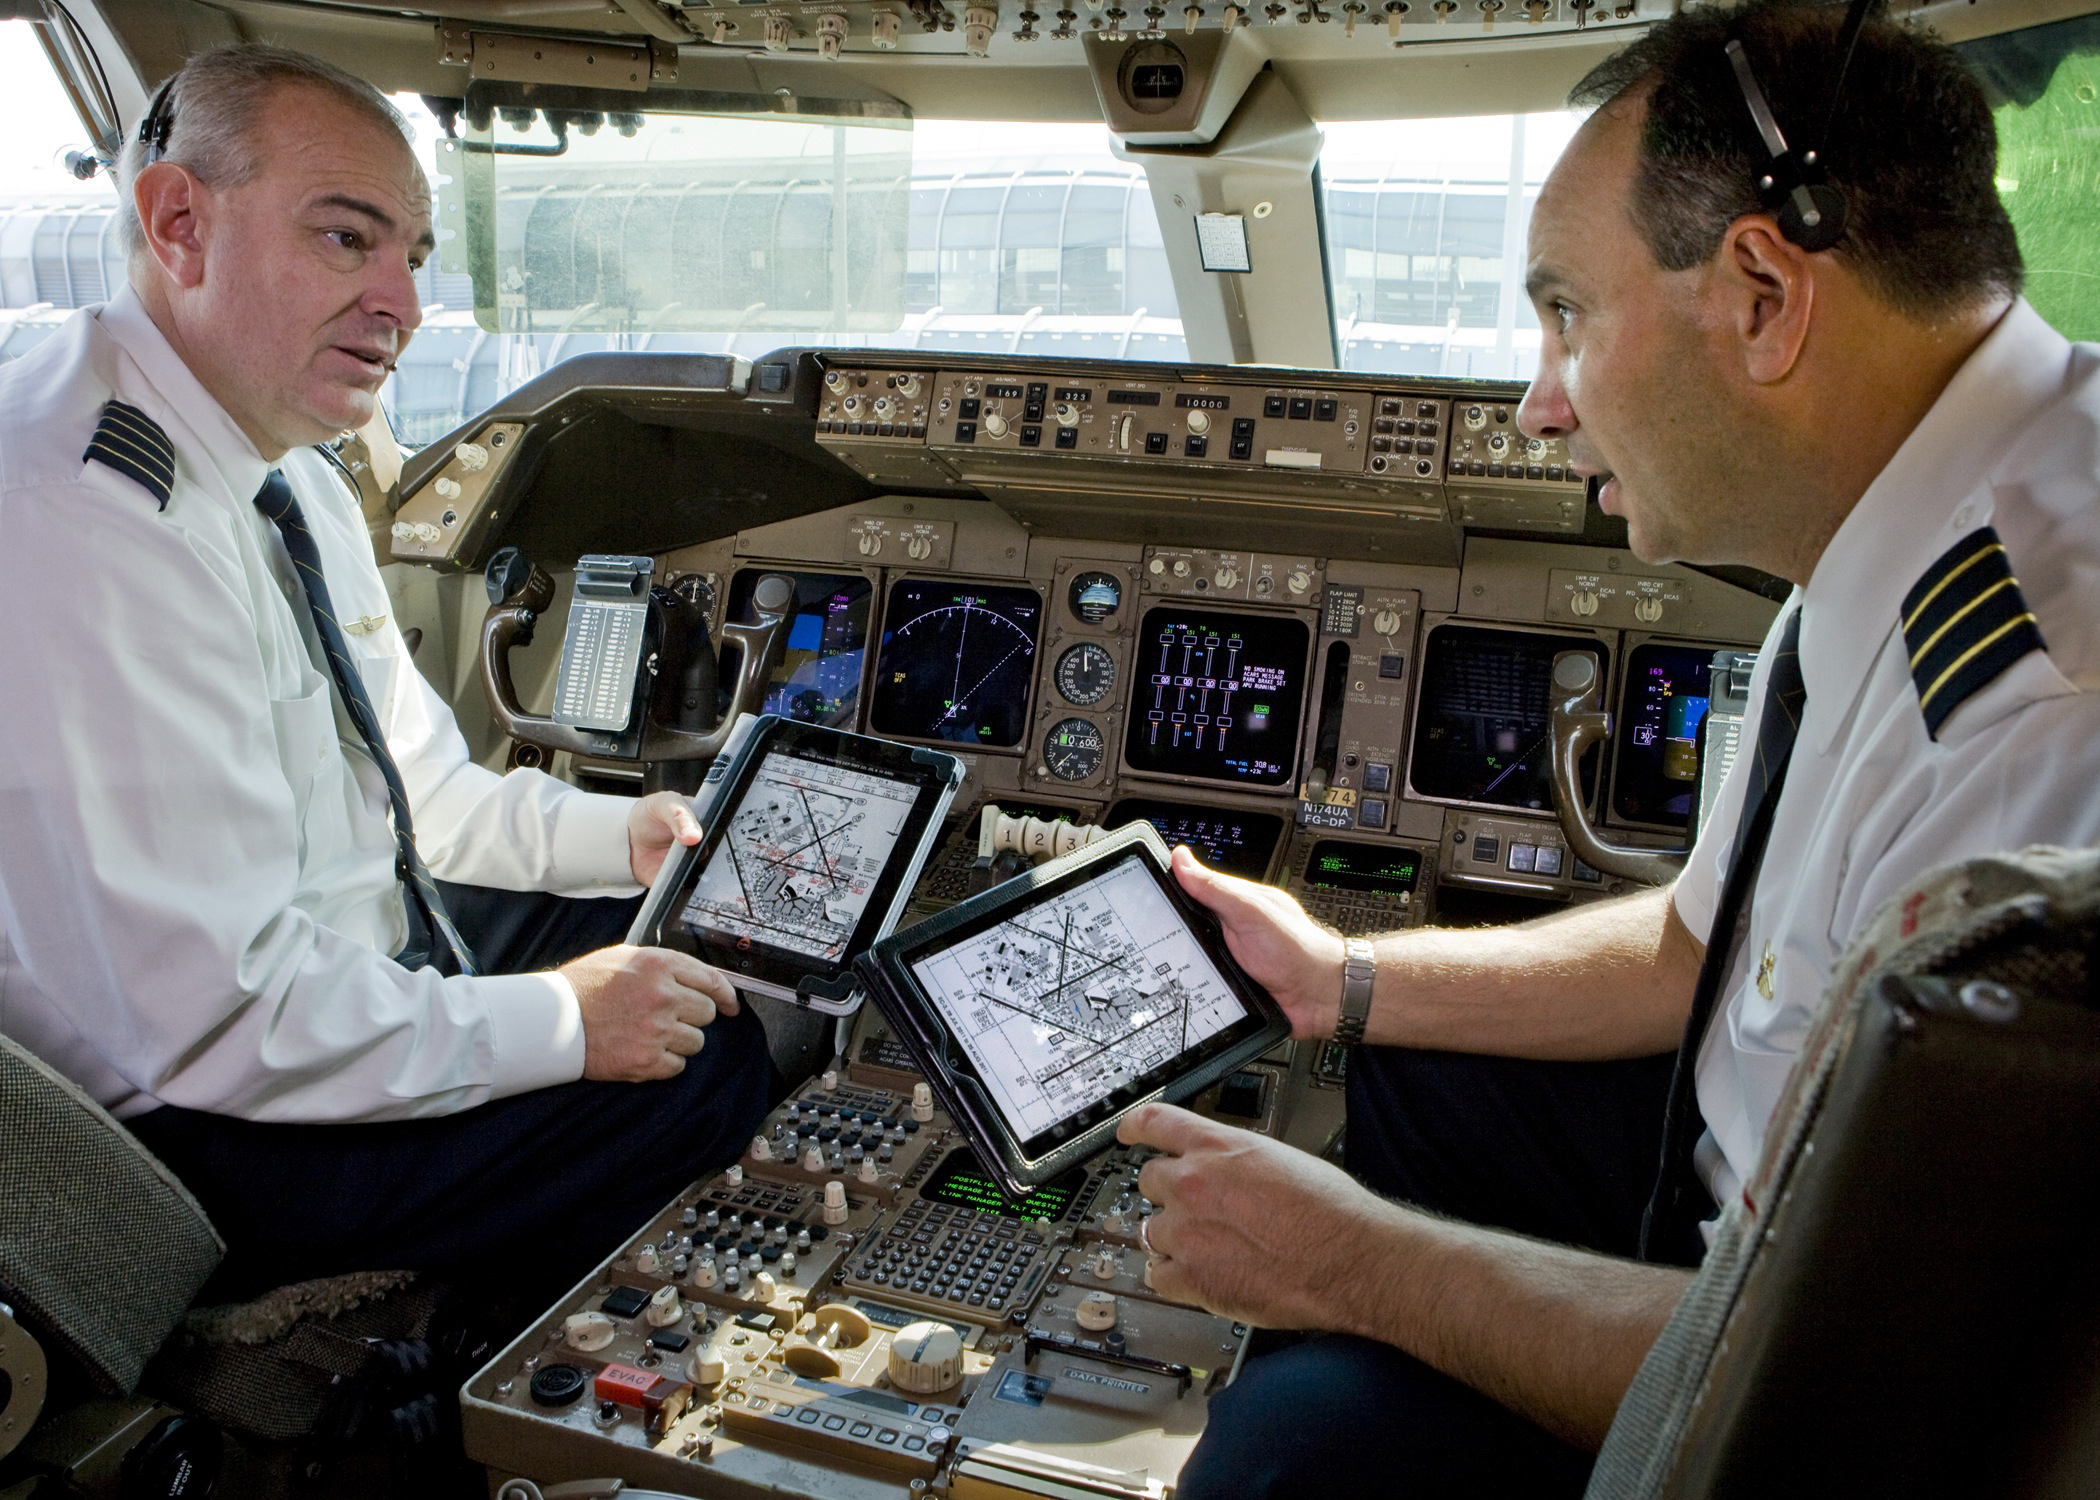 Pilotos usando iPads em avião